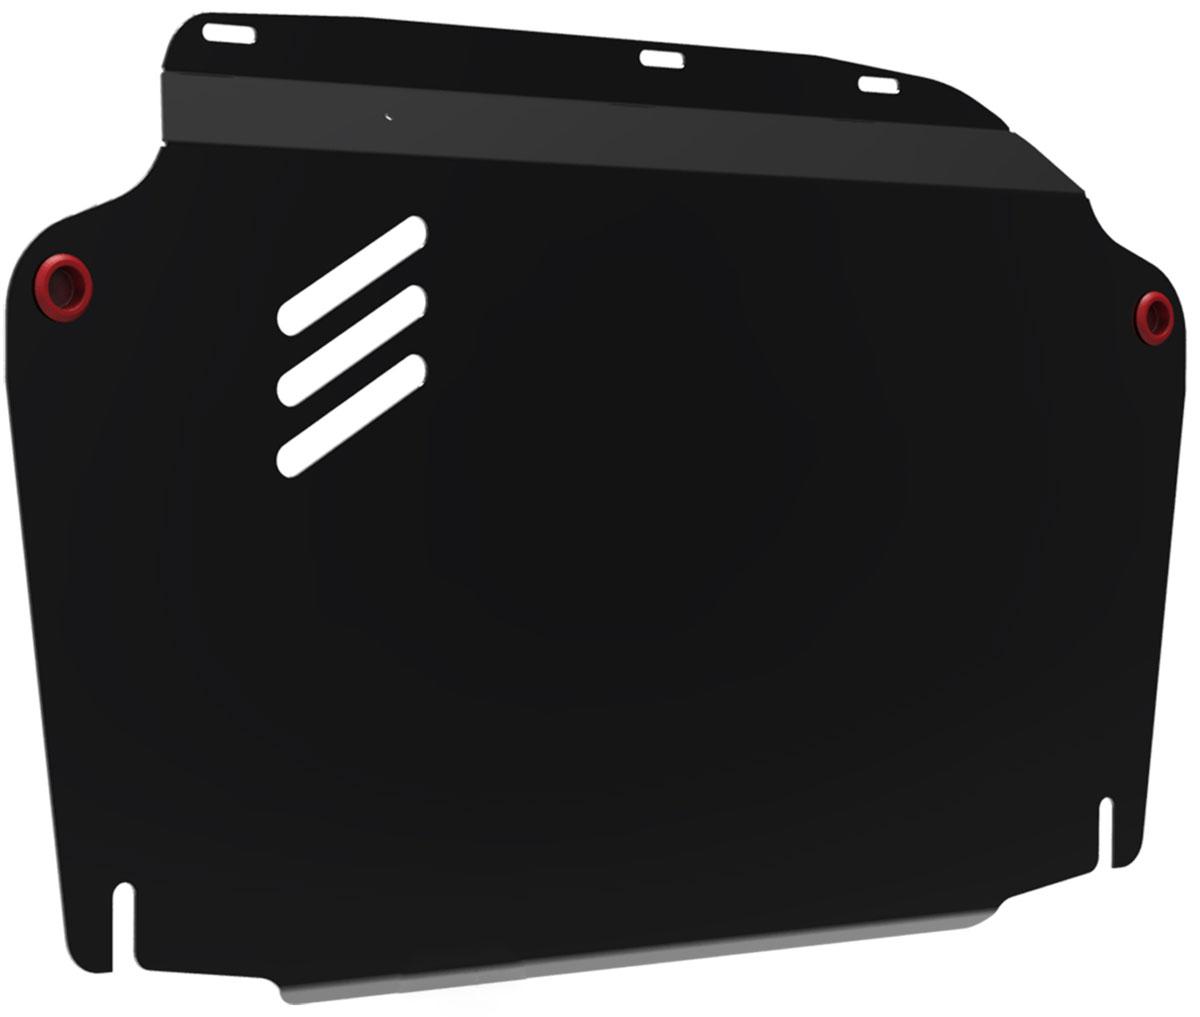 Защита картера и КПП Автоброня, для Hyundai Elantra/i30/Kia Ceed/Cerato. 111.02302.2111.02302.2Технологически совершенный продукт за невысокую стоимость. Защита разработана с учетом особенностей днища автомобиля, что позволяет сохранить дорожный просвет с минимальным изменением. Защита устанавливается в штатные места кузова автомобиля. Глубокий штамп обеспечивает до двух раз больше жесткости в сравнении с обычной защитой той же толщины. Проштампованные ребра жесткости препятствуют деформации защиты при ударах. Тепловой зазор и вентиляционные отверстия обеспечивают сохранение температурного режима двигателя в норме. Скрытый крепеж предотвращает срыв крепежных элементов при наезде на препятствие. Шумопоглощающие резиновые элементы обеспечивают комфортную езду без вибраций и скрежета металла, а съемные лючки для слива масла и замены фильтра - экономию средств и времени. Конструкция изделия не влияет на пассивную безопасность автомобиля (при ударе защита не воздействует на деформационные зоны кузова). Толщина стали: 2 мм. В комплекте набор...